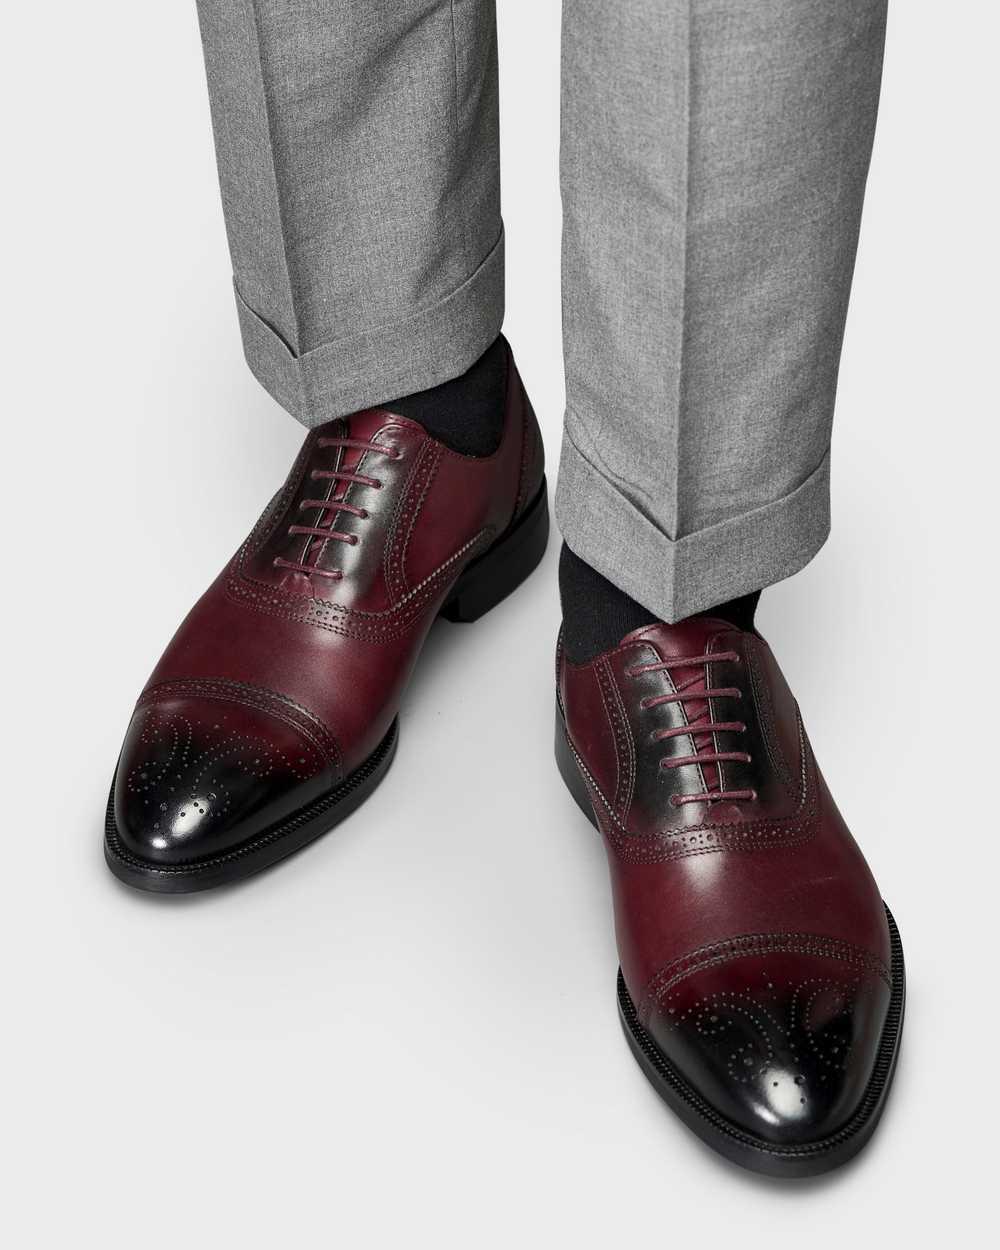 Туфли мужские оксфорды броги бордовые